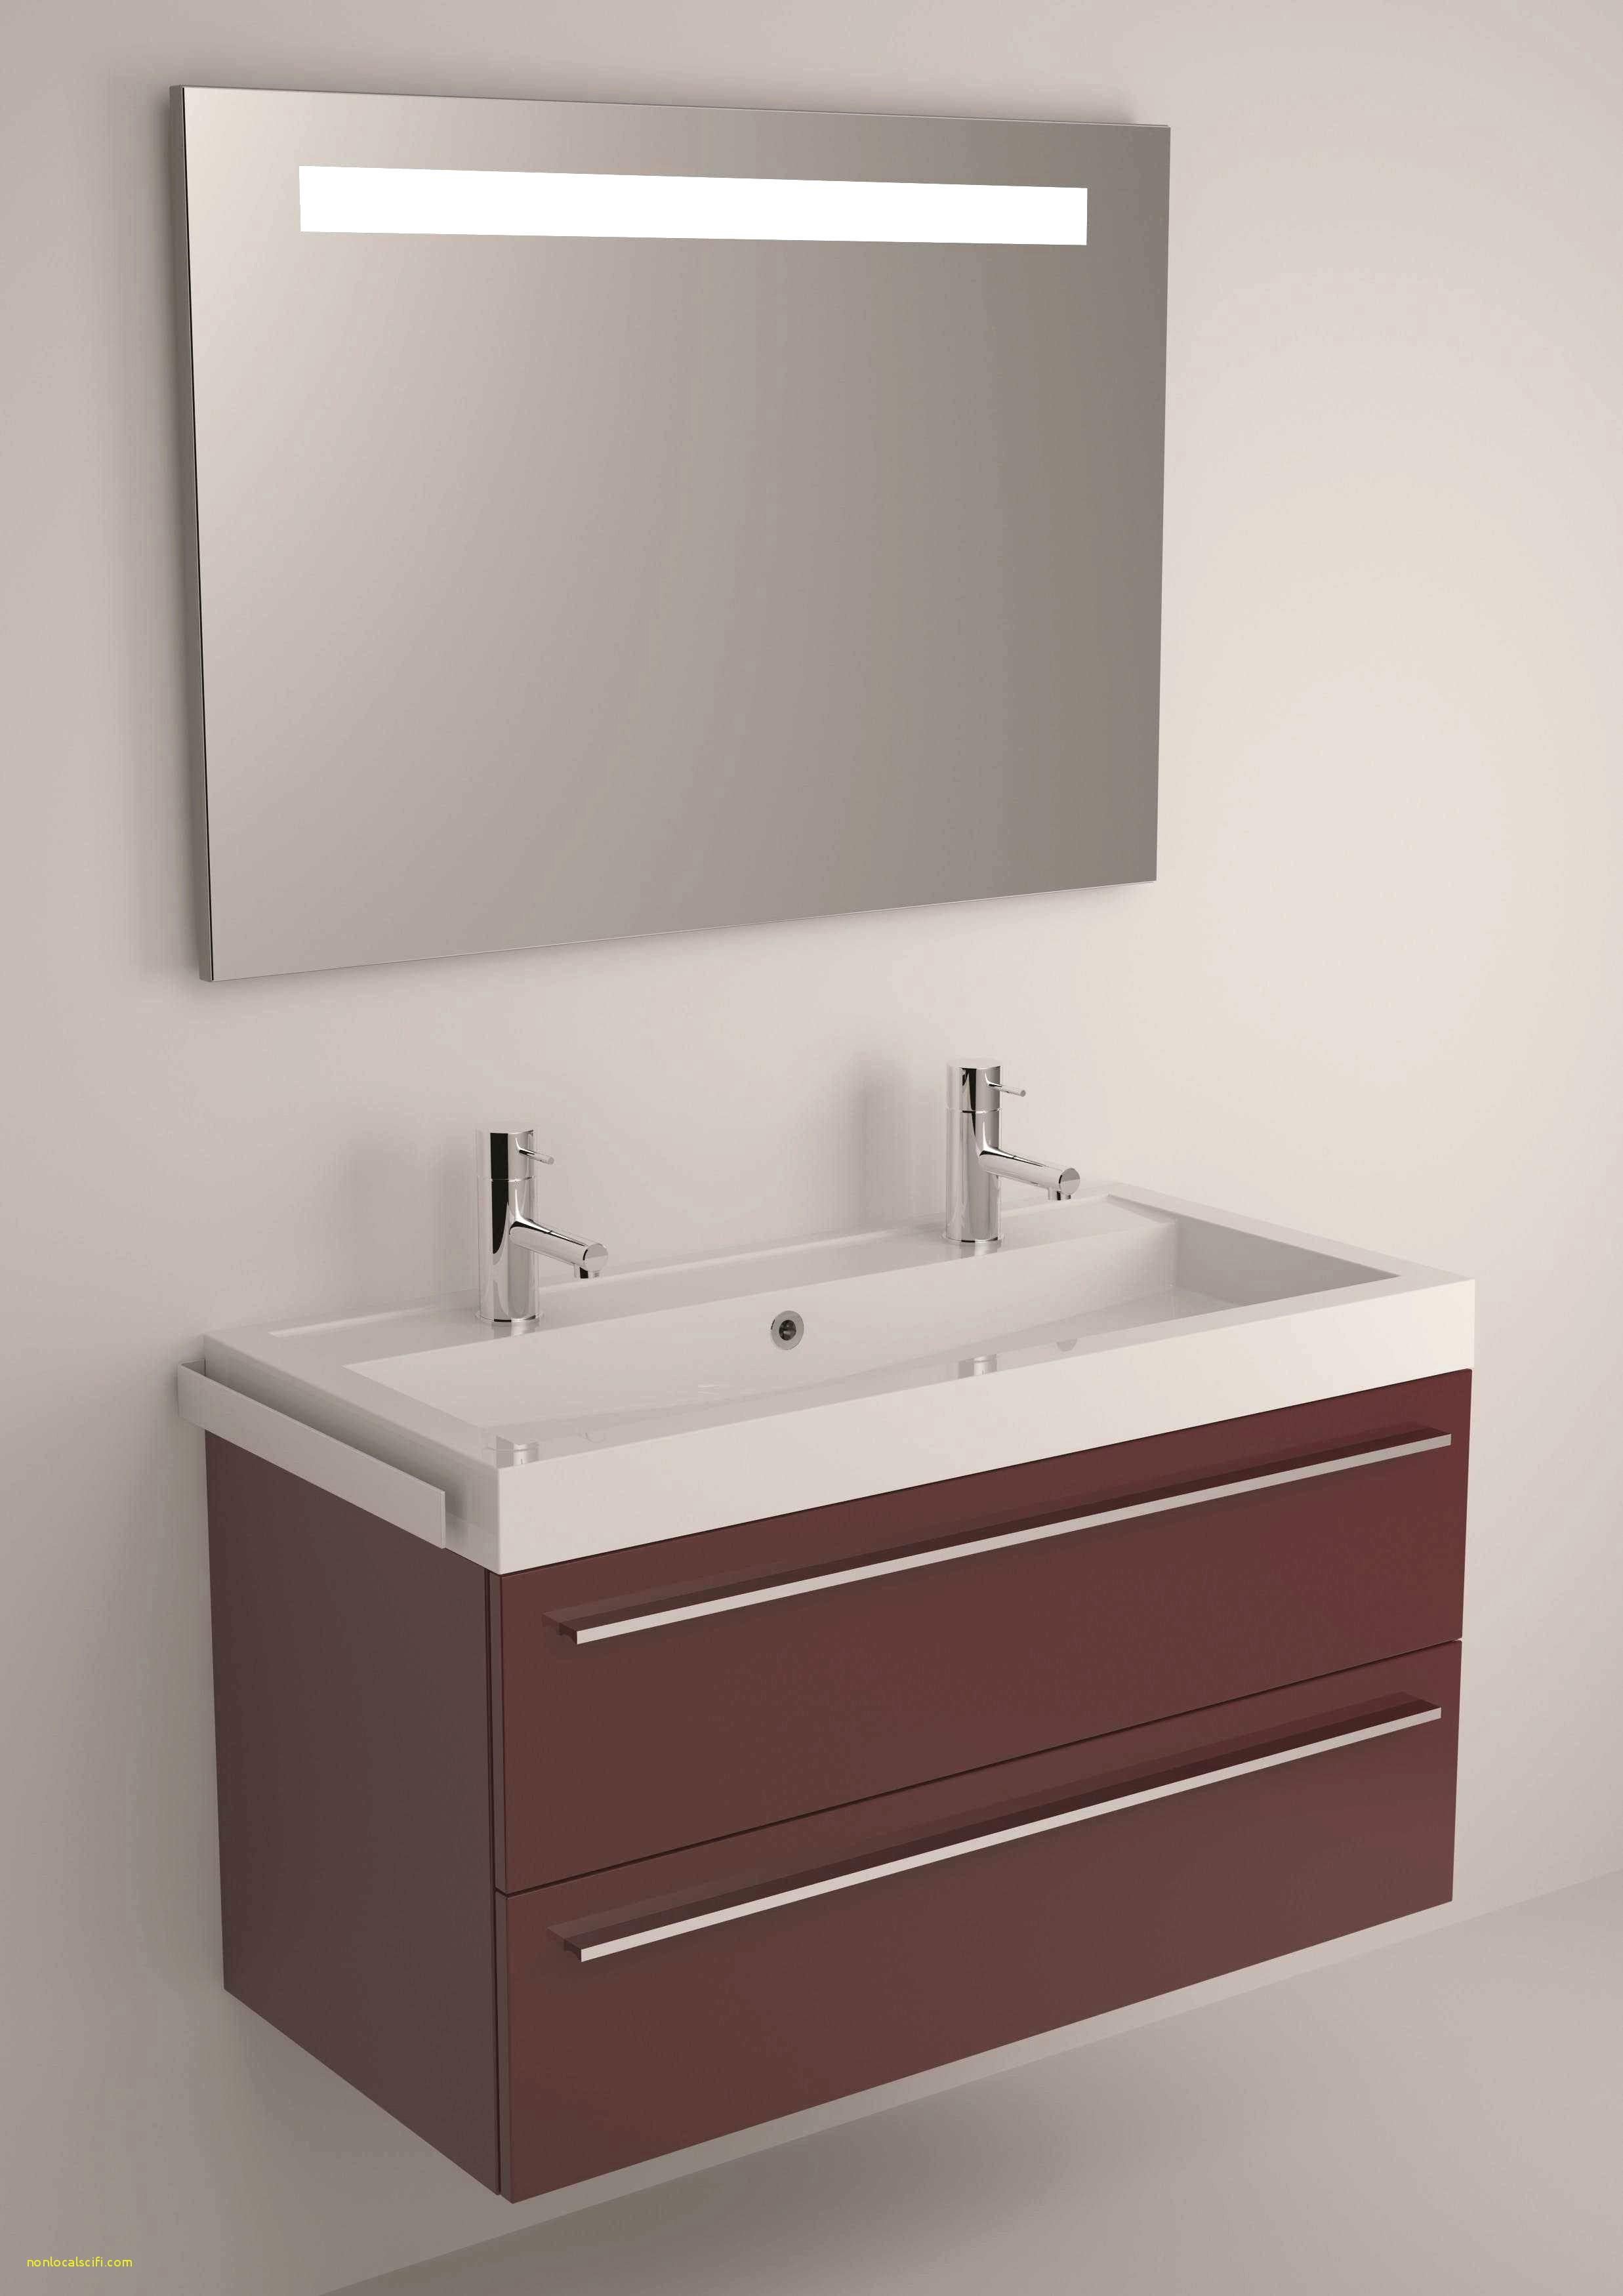 Catalogue Ikea Salle De Bain Impressionnant Image Résultat Supérieur 96 élégant Meuble Salle De Bain Simple Pic 2018